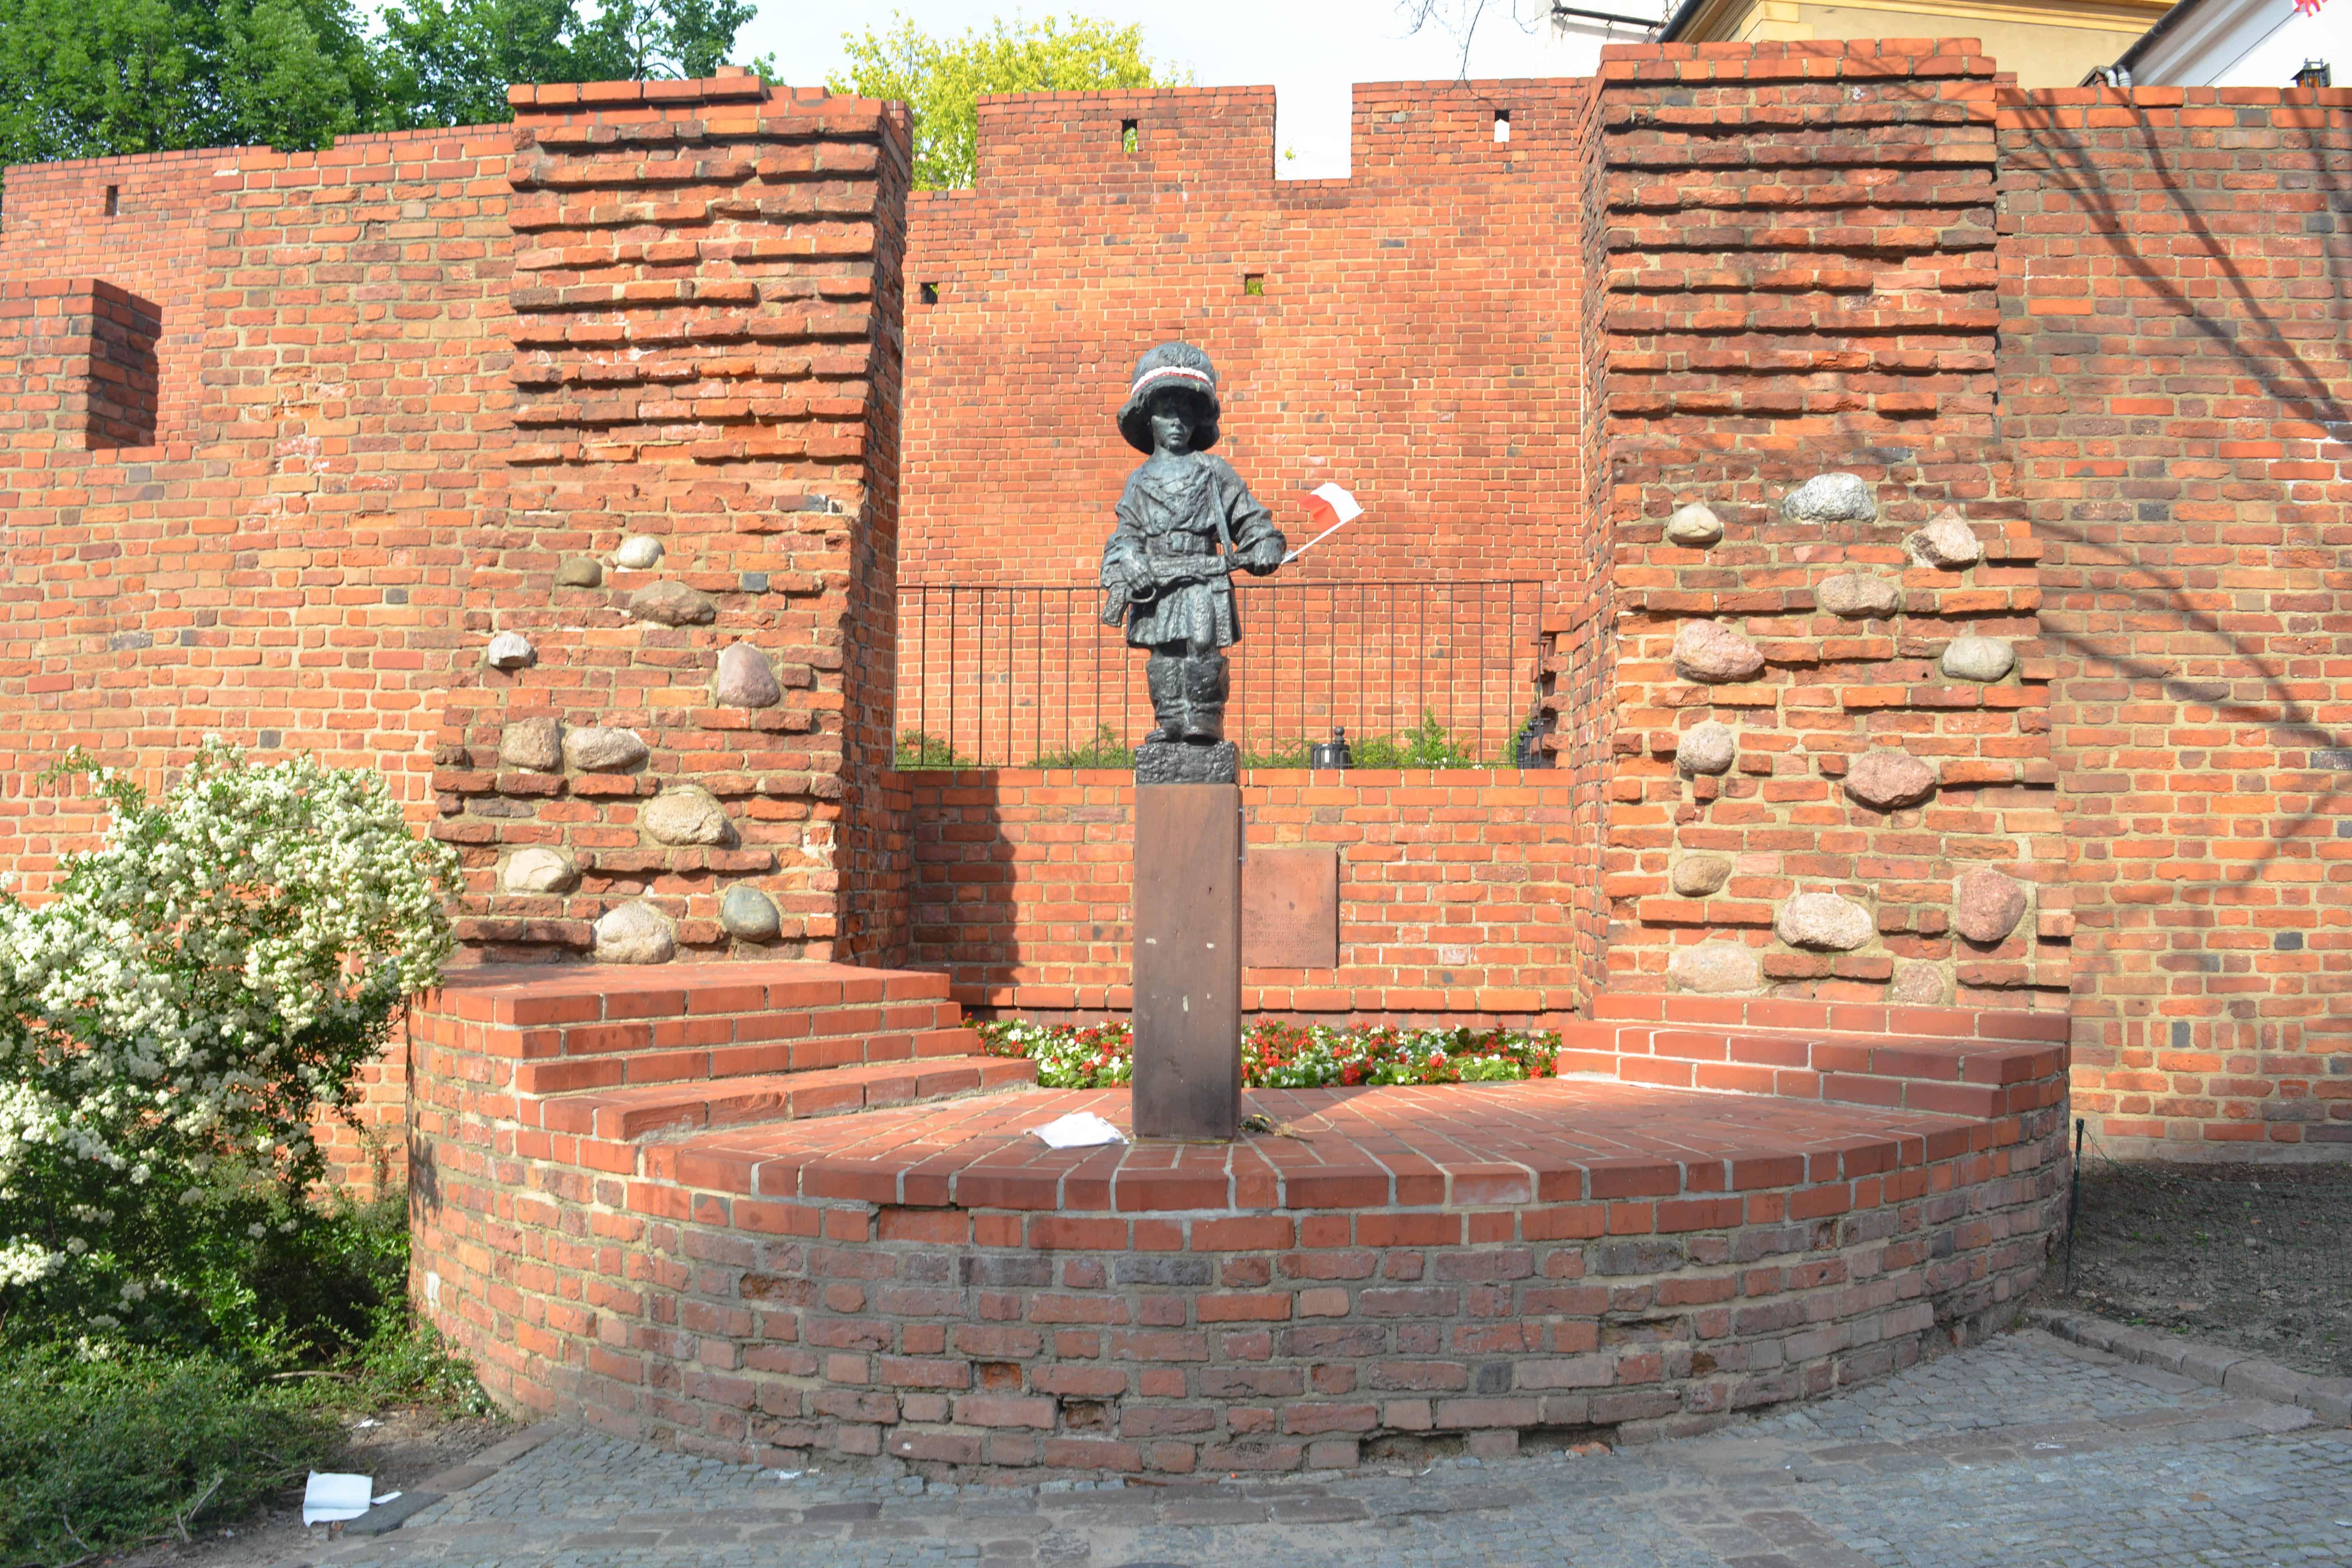 Barbacana vas a ver un pequeño monumento en conmemoración a los niños de la guerra.